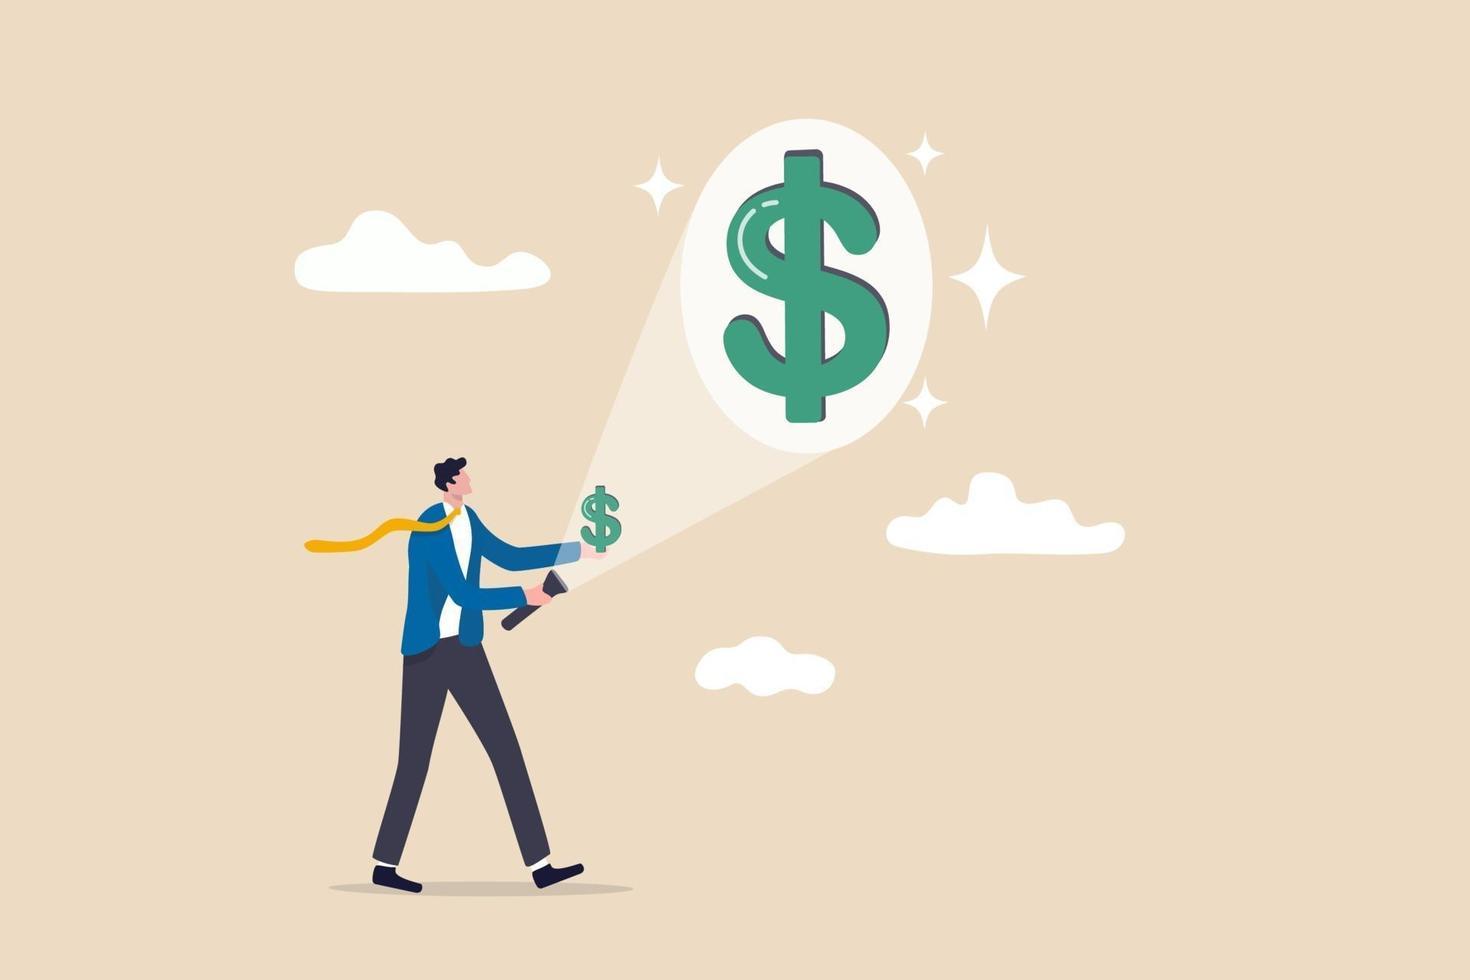 tjäna pengar eller öka intäkterna från investering, lön eller inkomstökning, lönsamhetskoncept, affärsmaninvesterare som använder ficklampa syftar till liten dollar i handen och projicerar stora dollartecken vektor